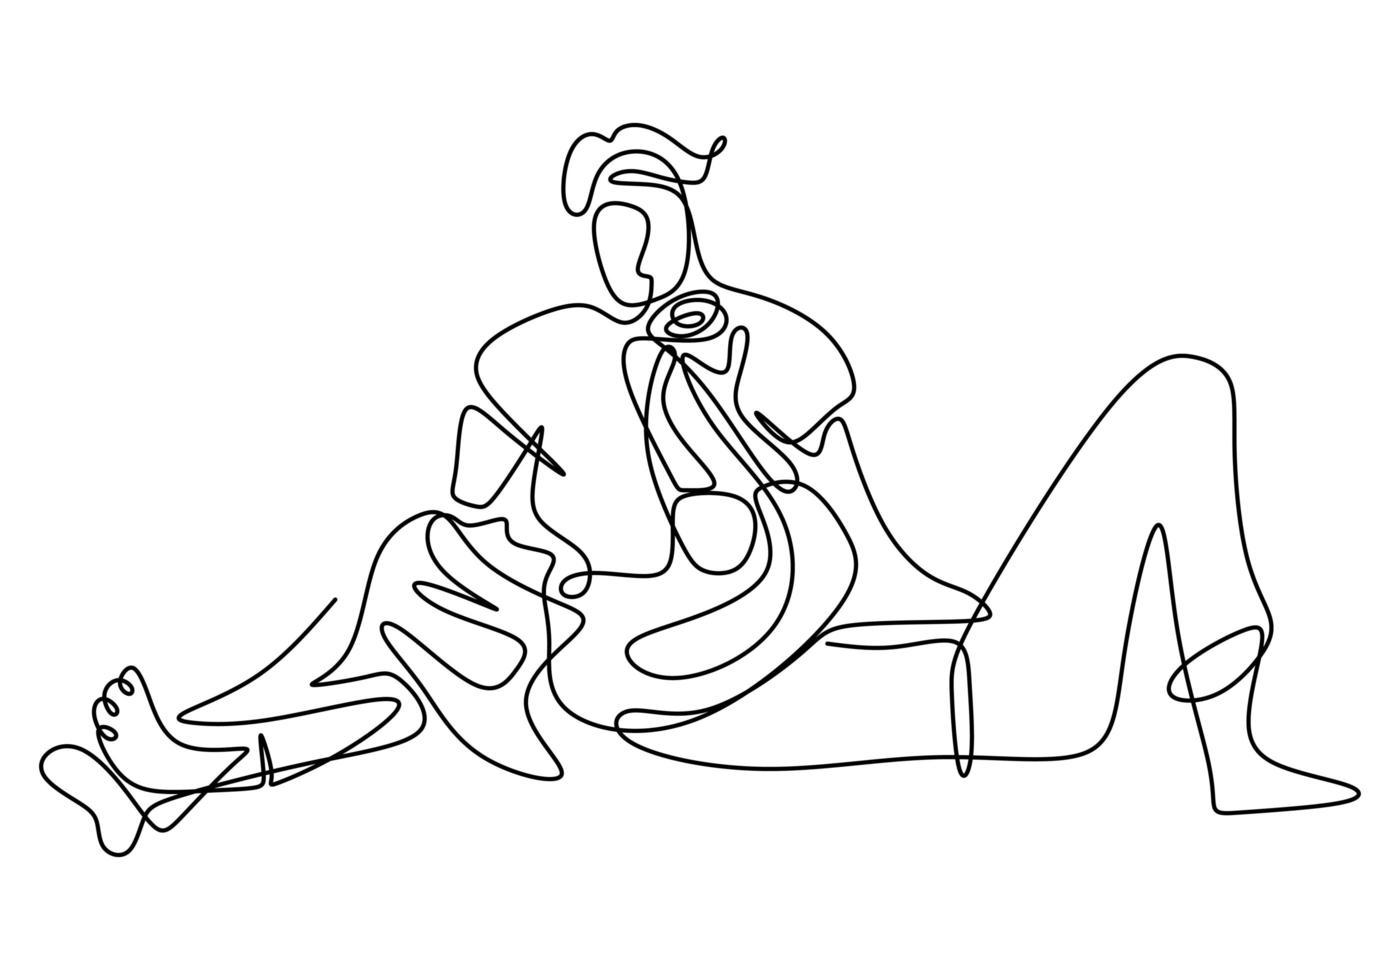 dessin au trait continu, vecteur de couple amoureux. conception de minimalisme avec simplicité dessinés à la main isolé sur fond blanc.